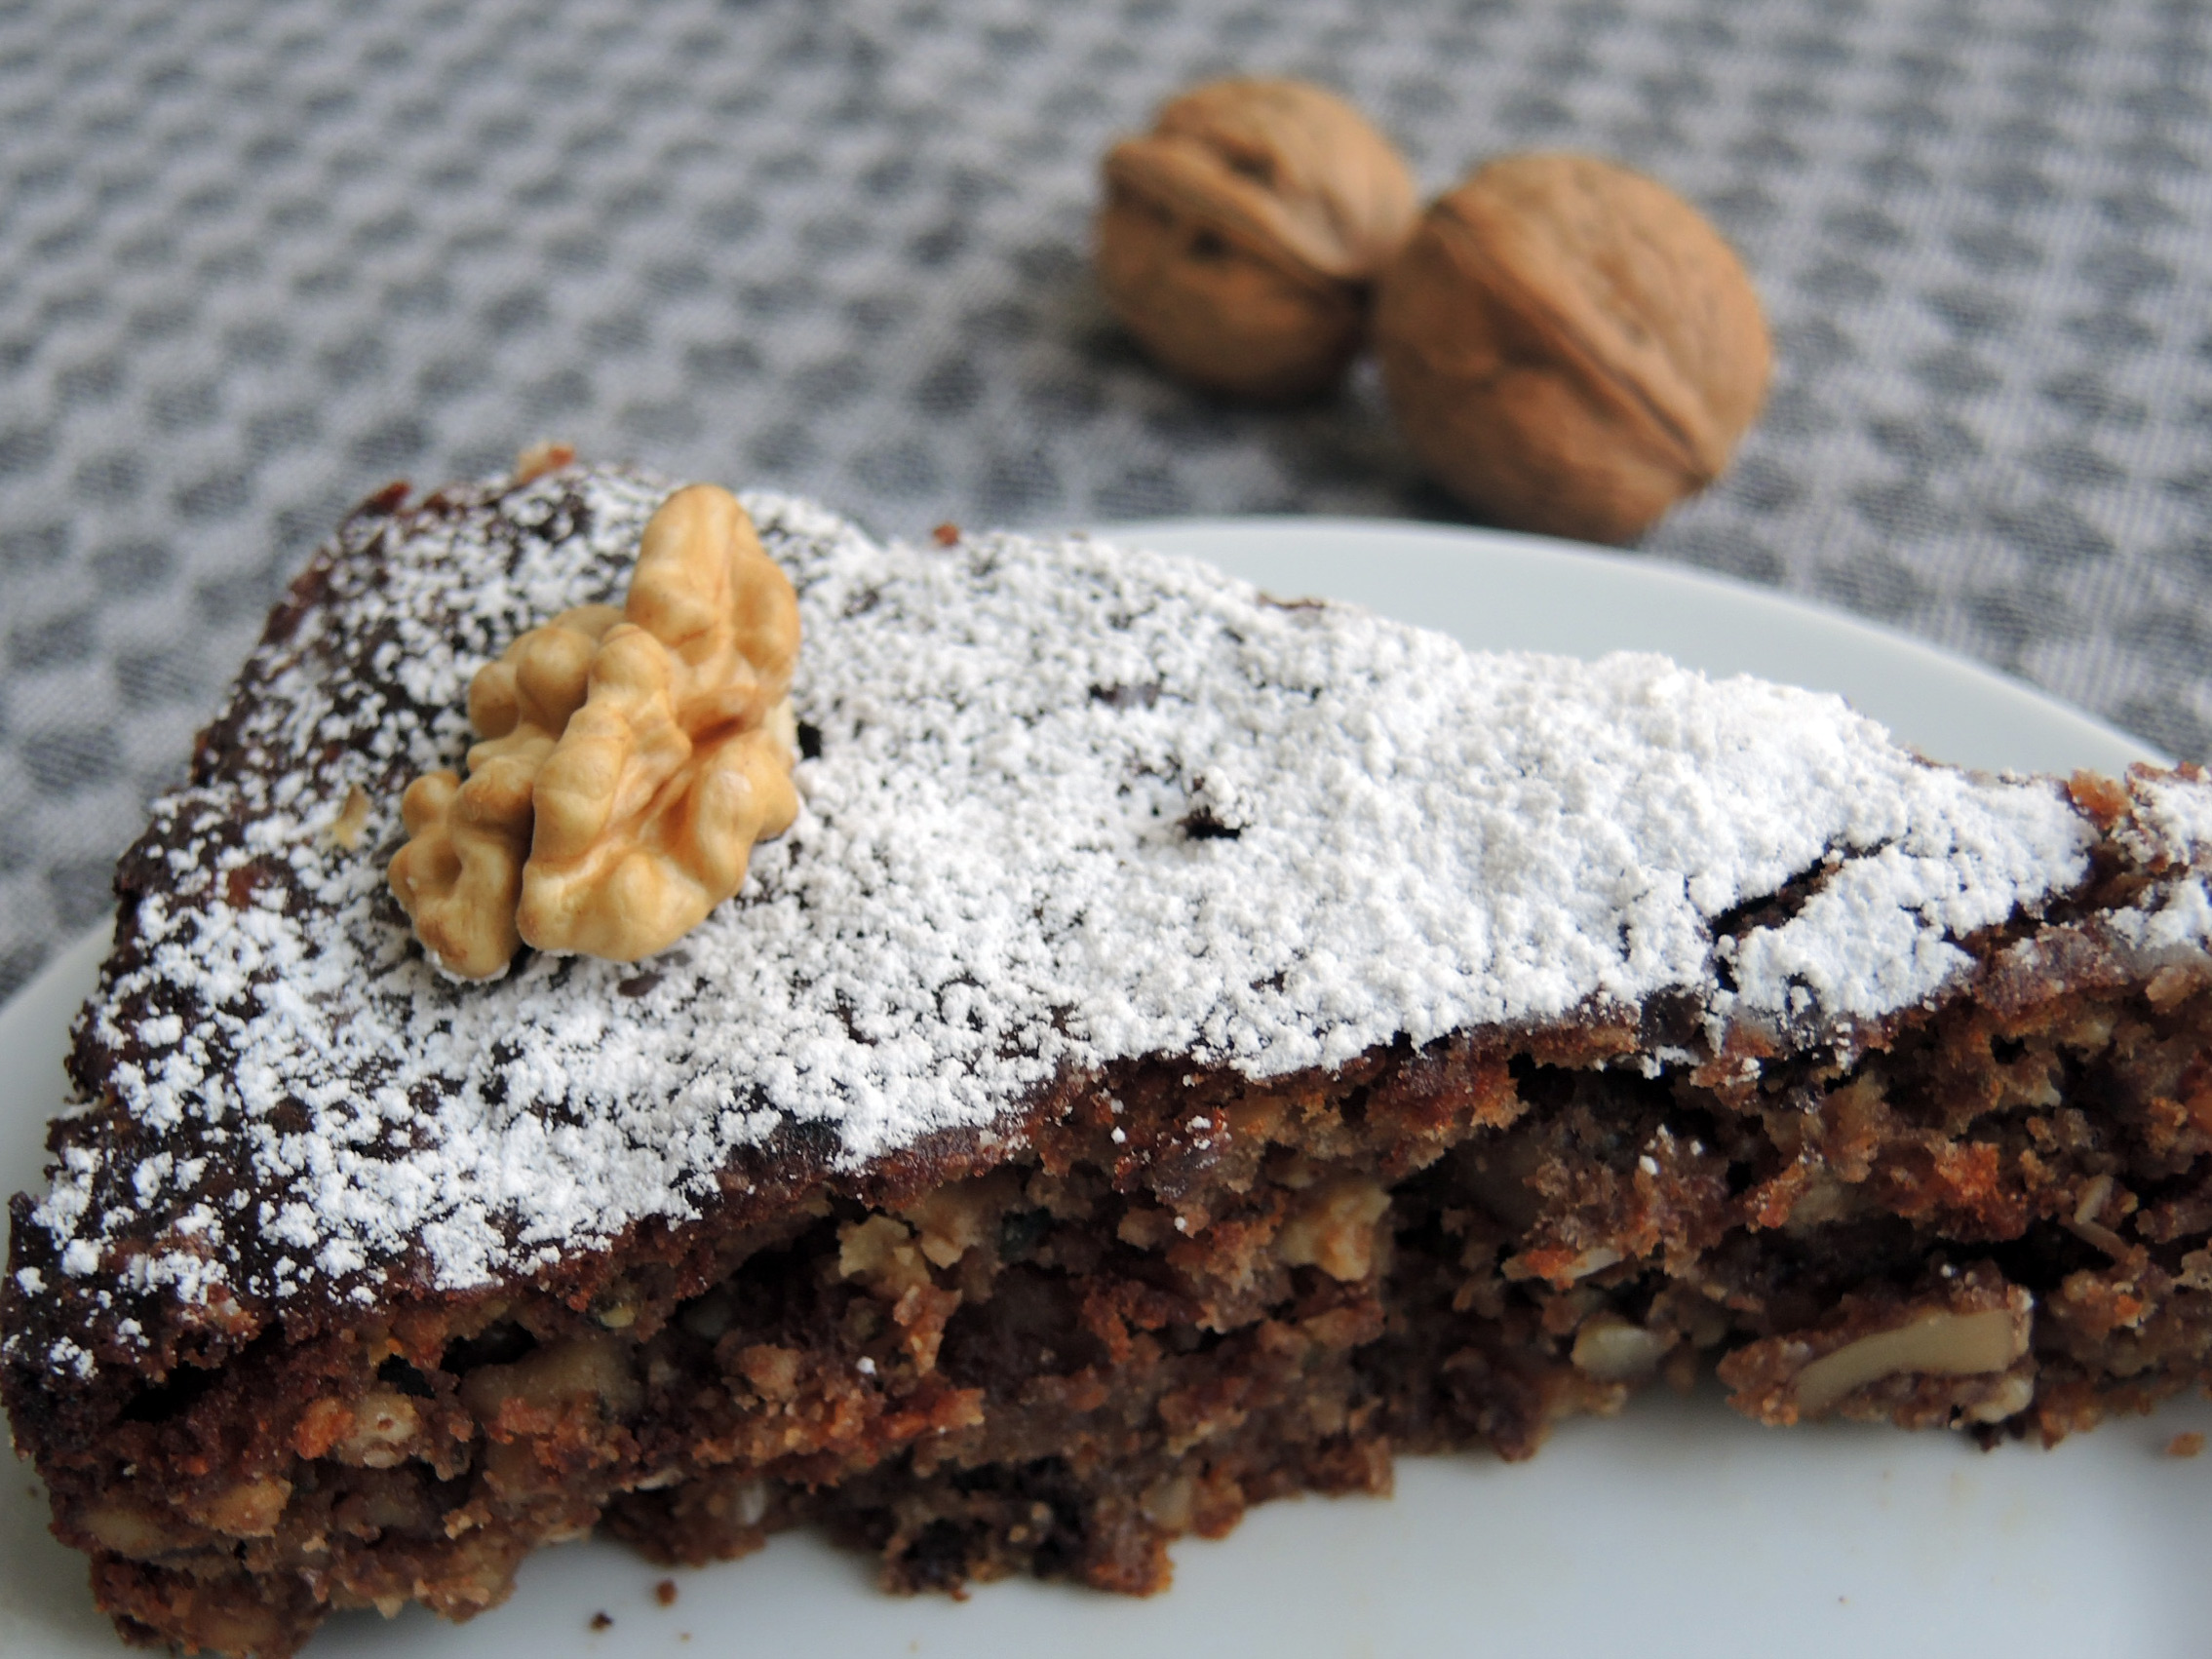 Glutenfreier Walnuss Schoko Kuchen Mit Hanfsamen Marzipan Rezept